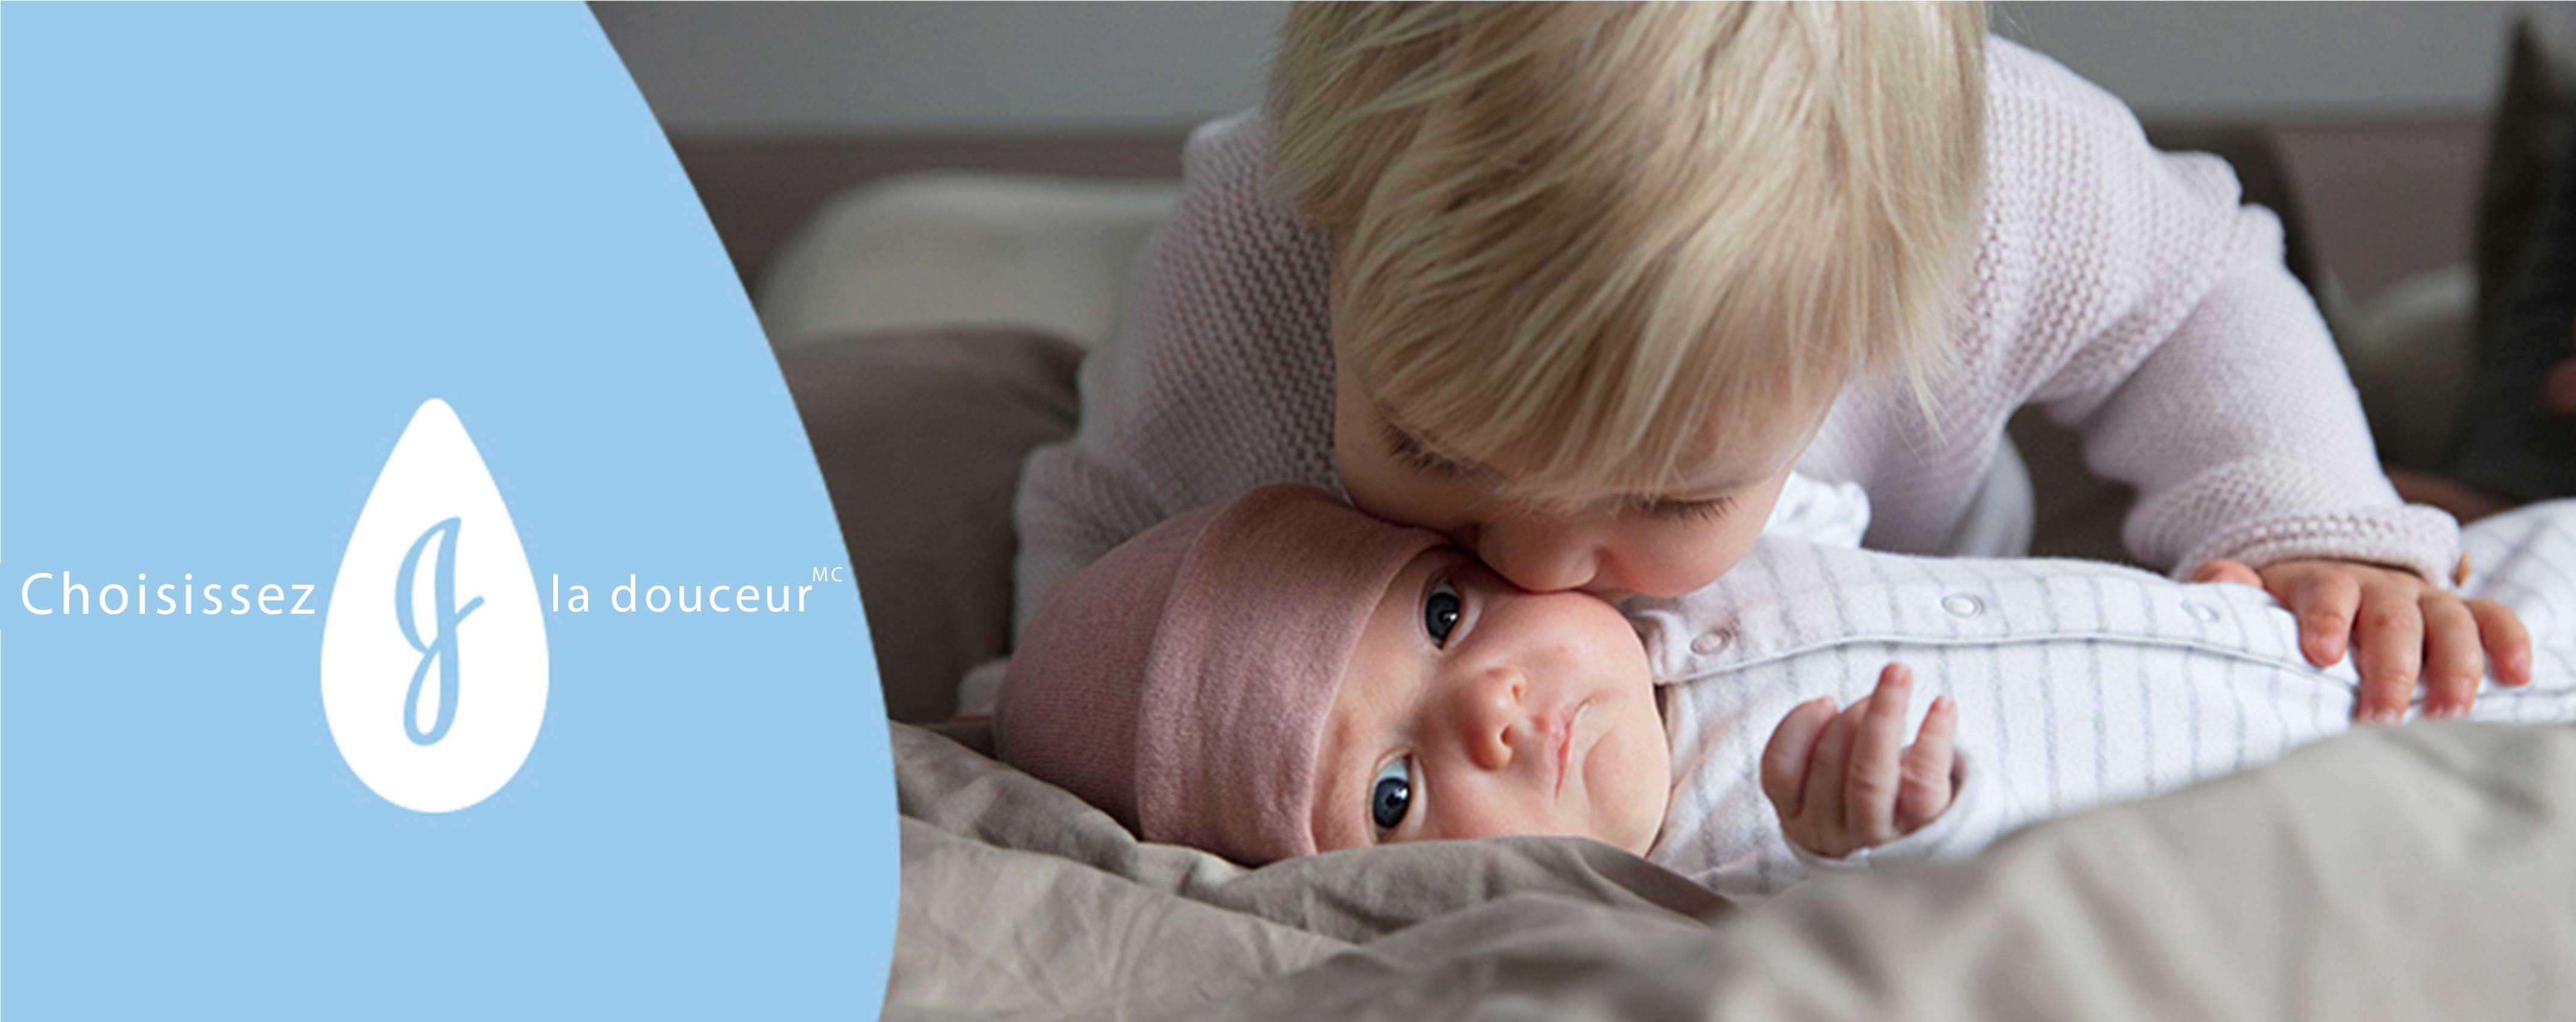 Un enfant embrassant la joue douce d'un bébé allongé sur un lit